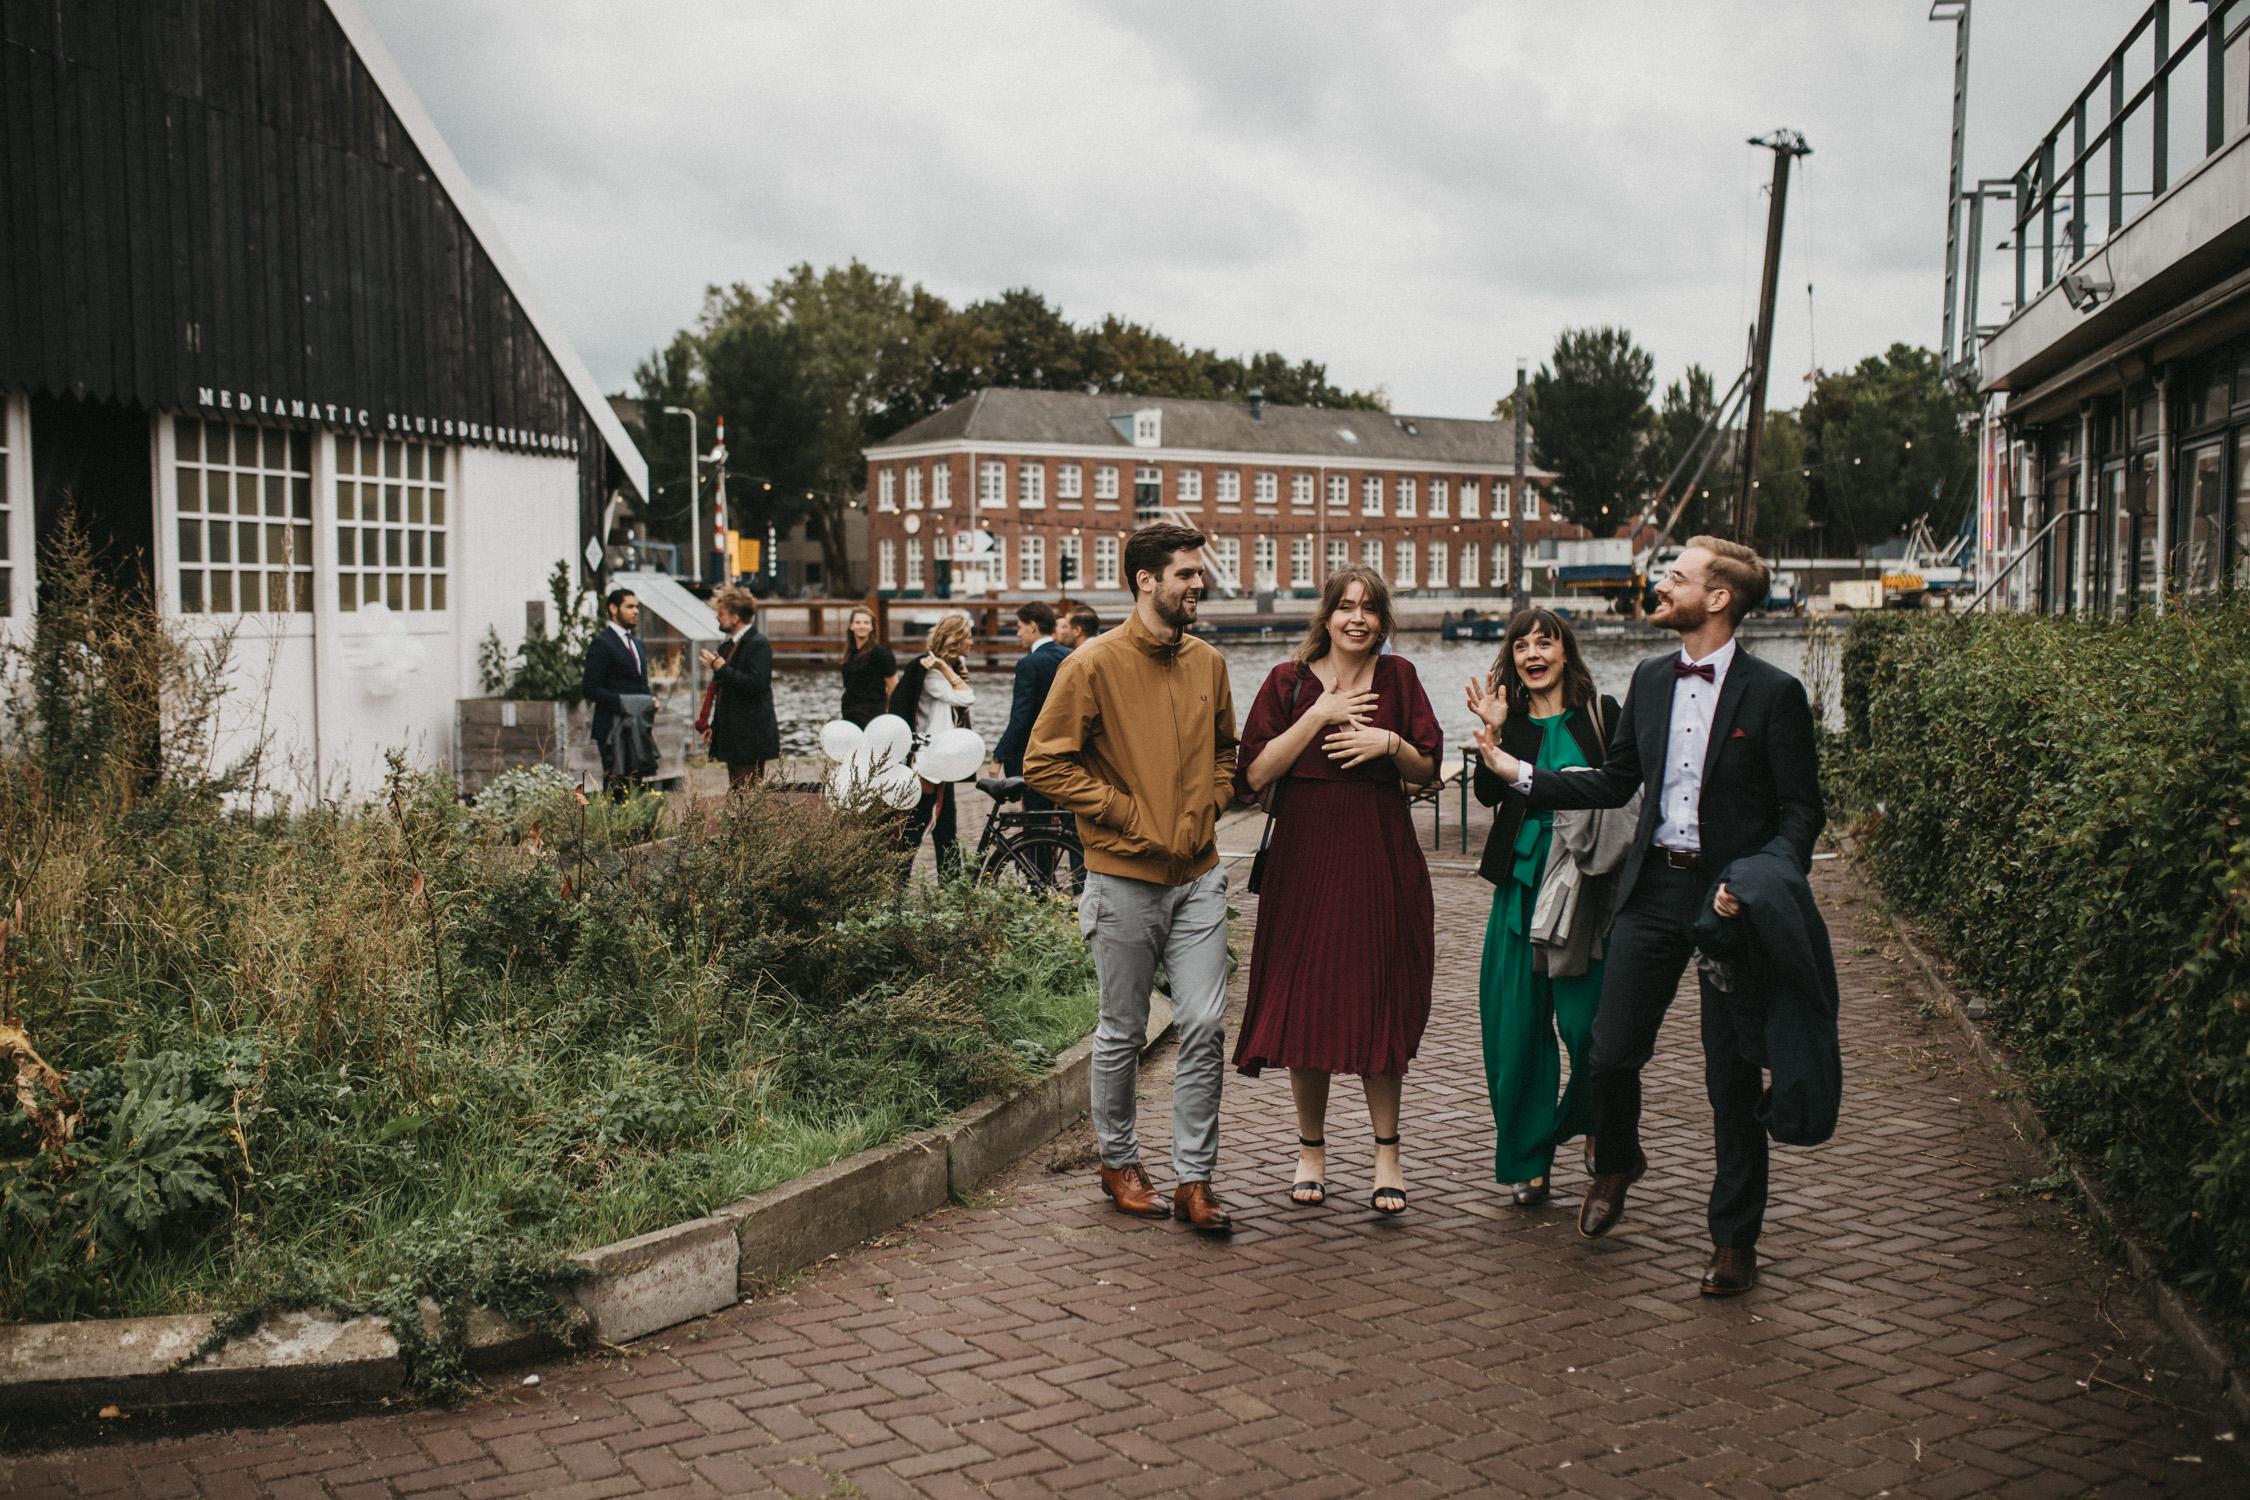 Mediamatic bruiloft